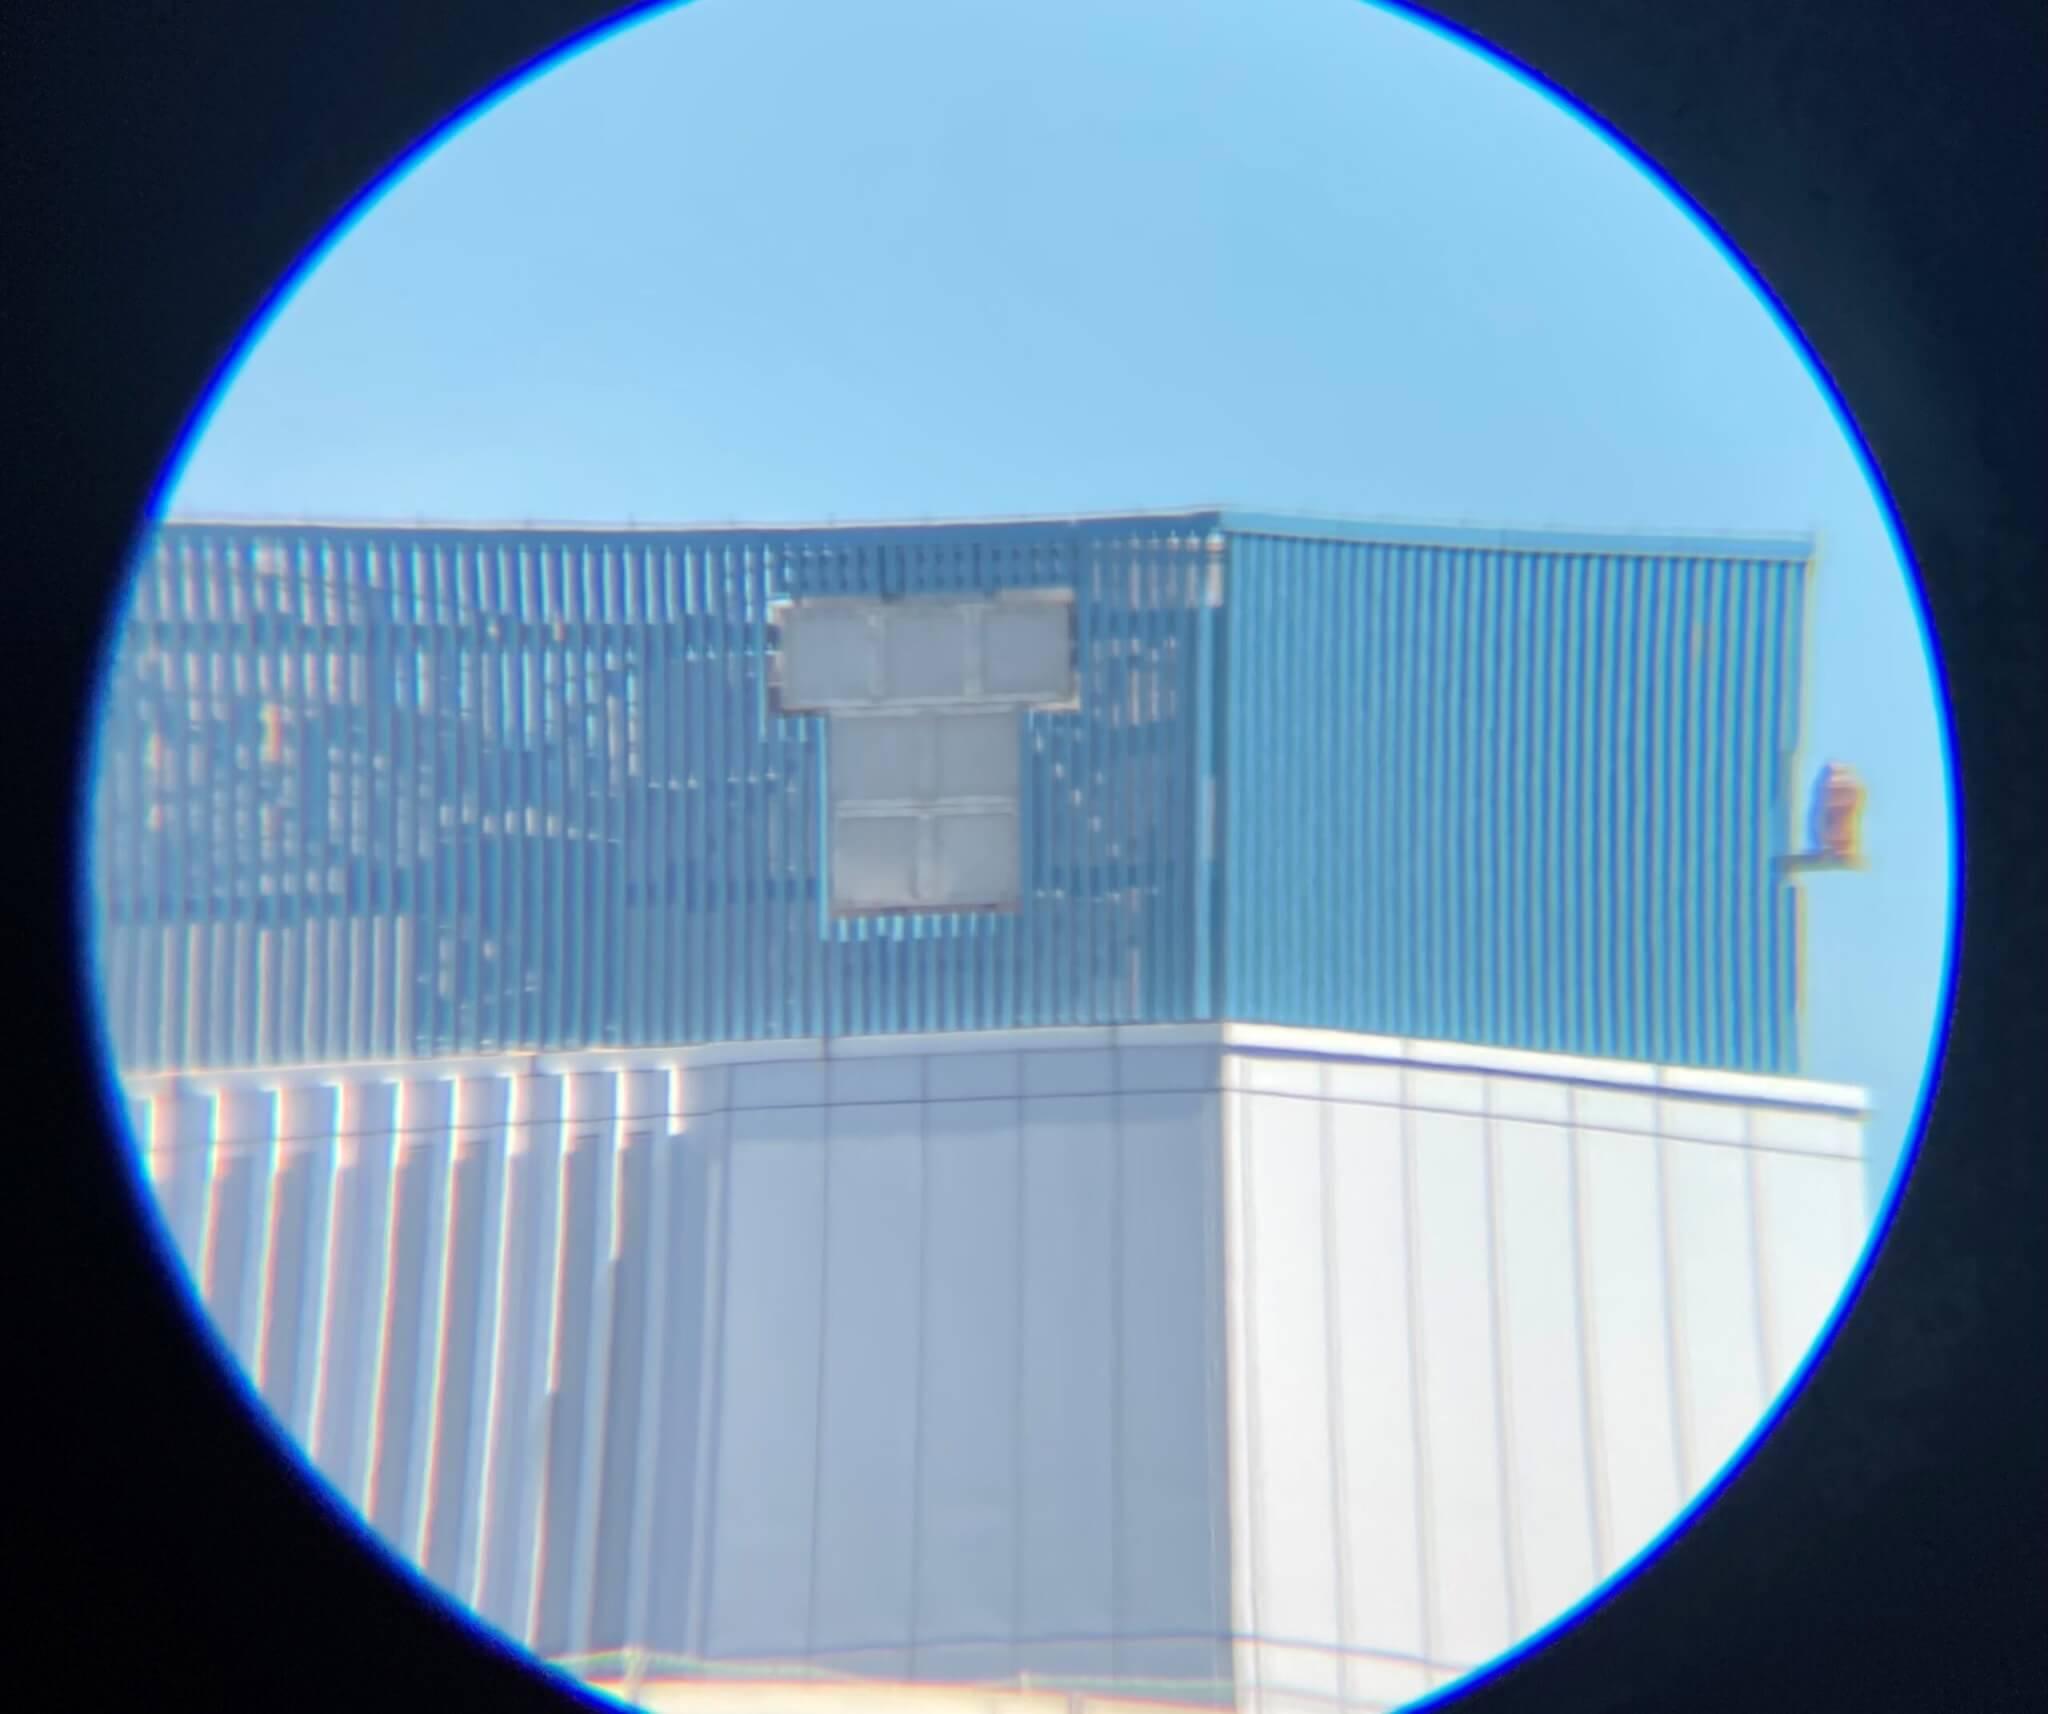 実際に「Travel Scope 80 with BP & SPH」で観測をしてみた レンズごとの実際の写真 接眼レンズ10mm(40倍)